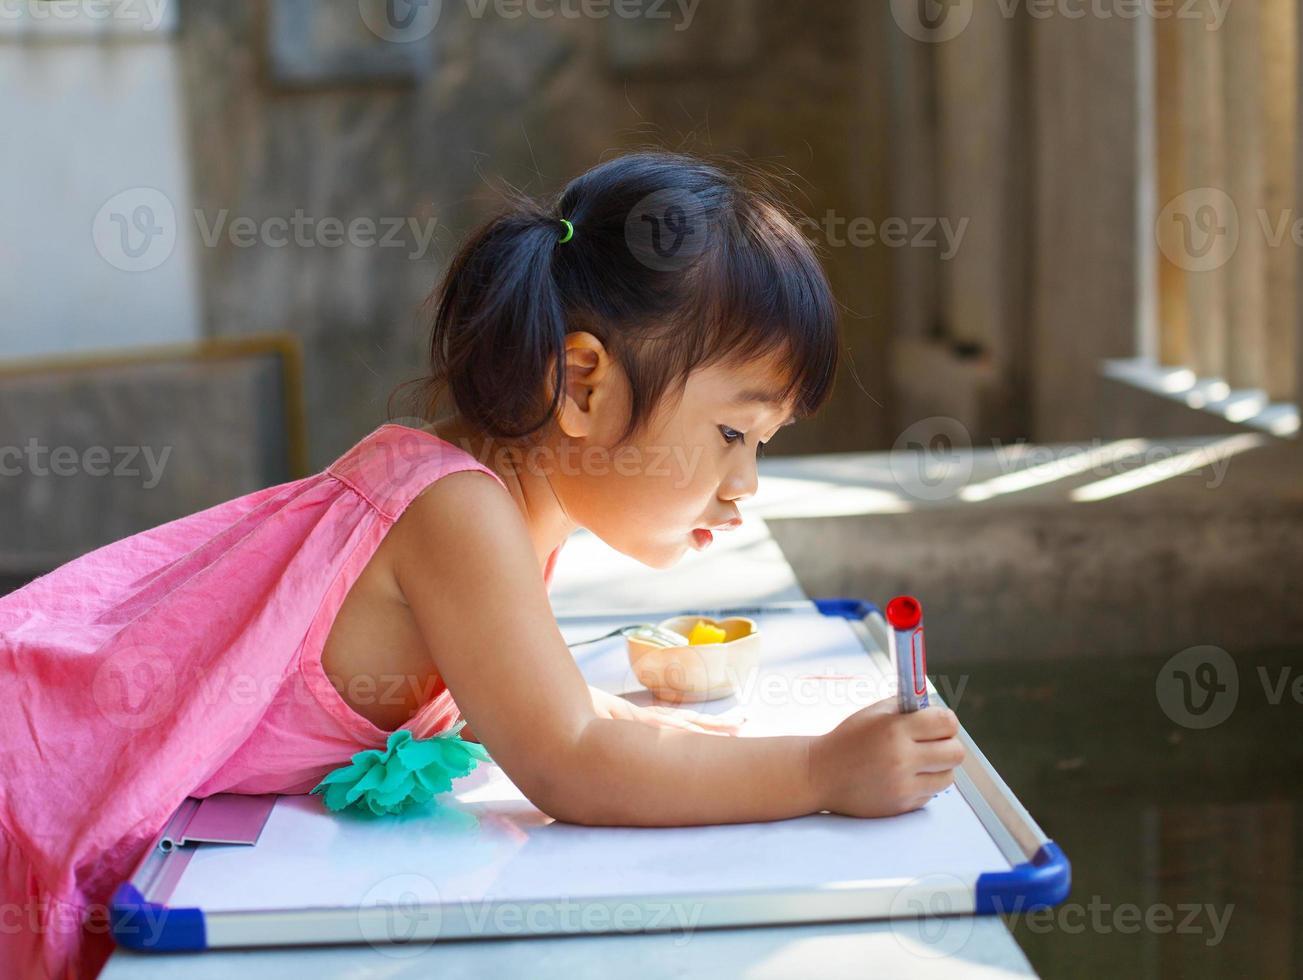 kinderen oefenen met schrijven voordat ze naar school gaan foto